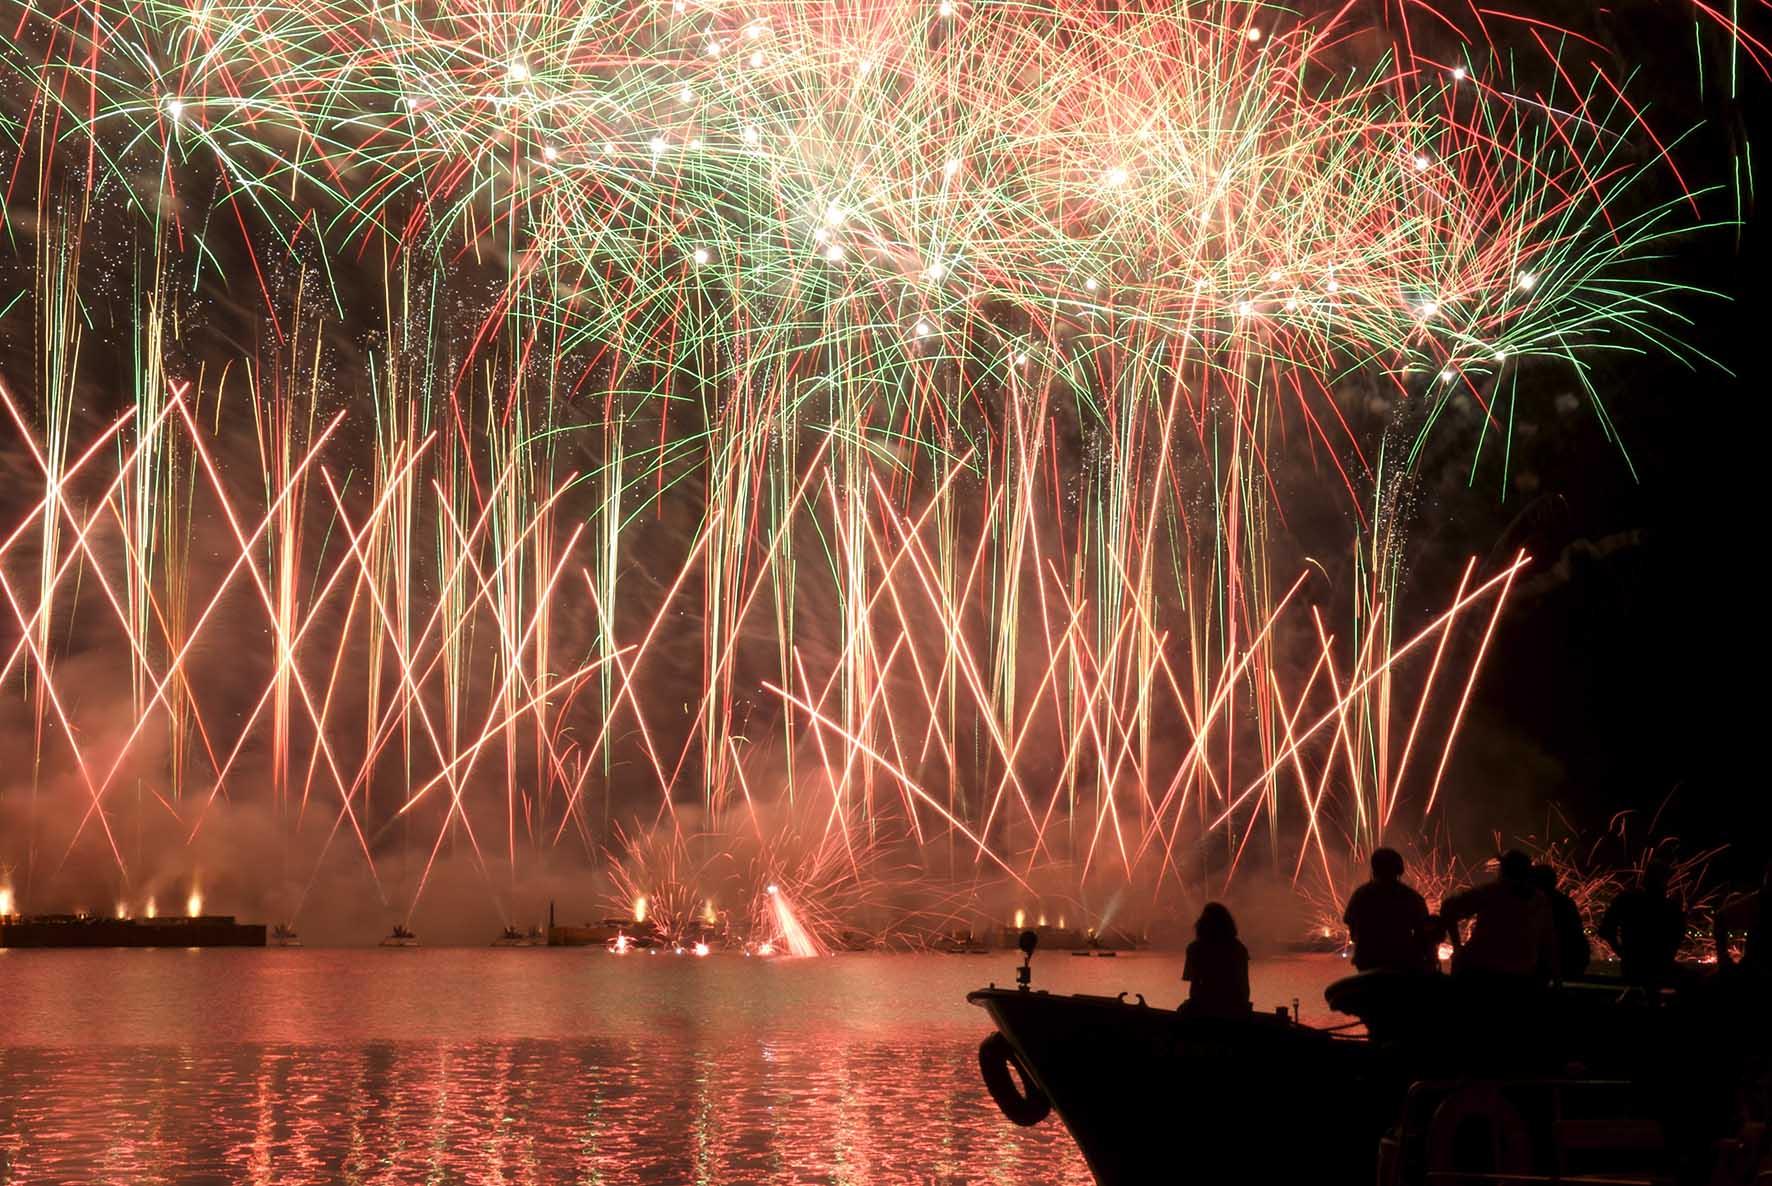 venezia festa del redentore fuochi artificio